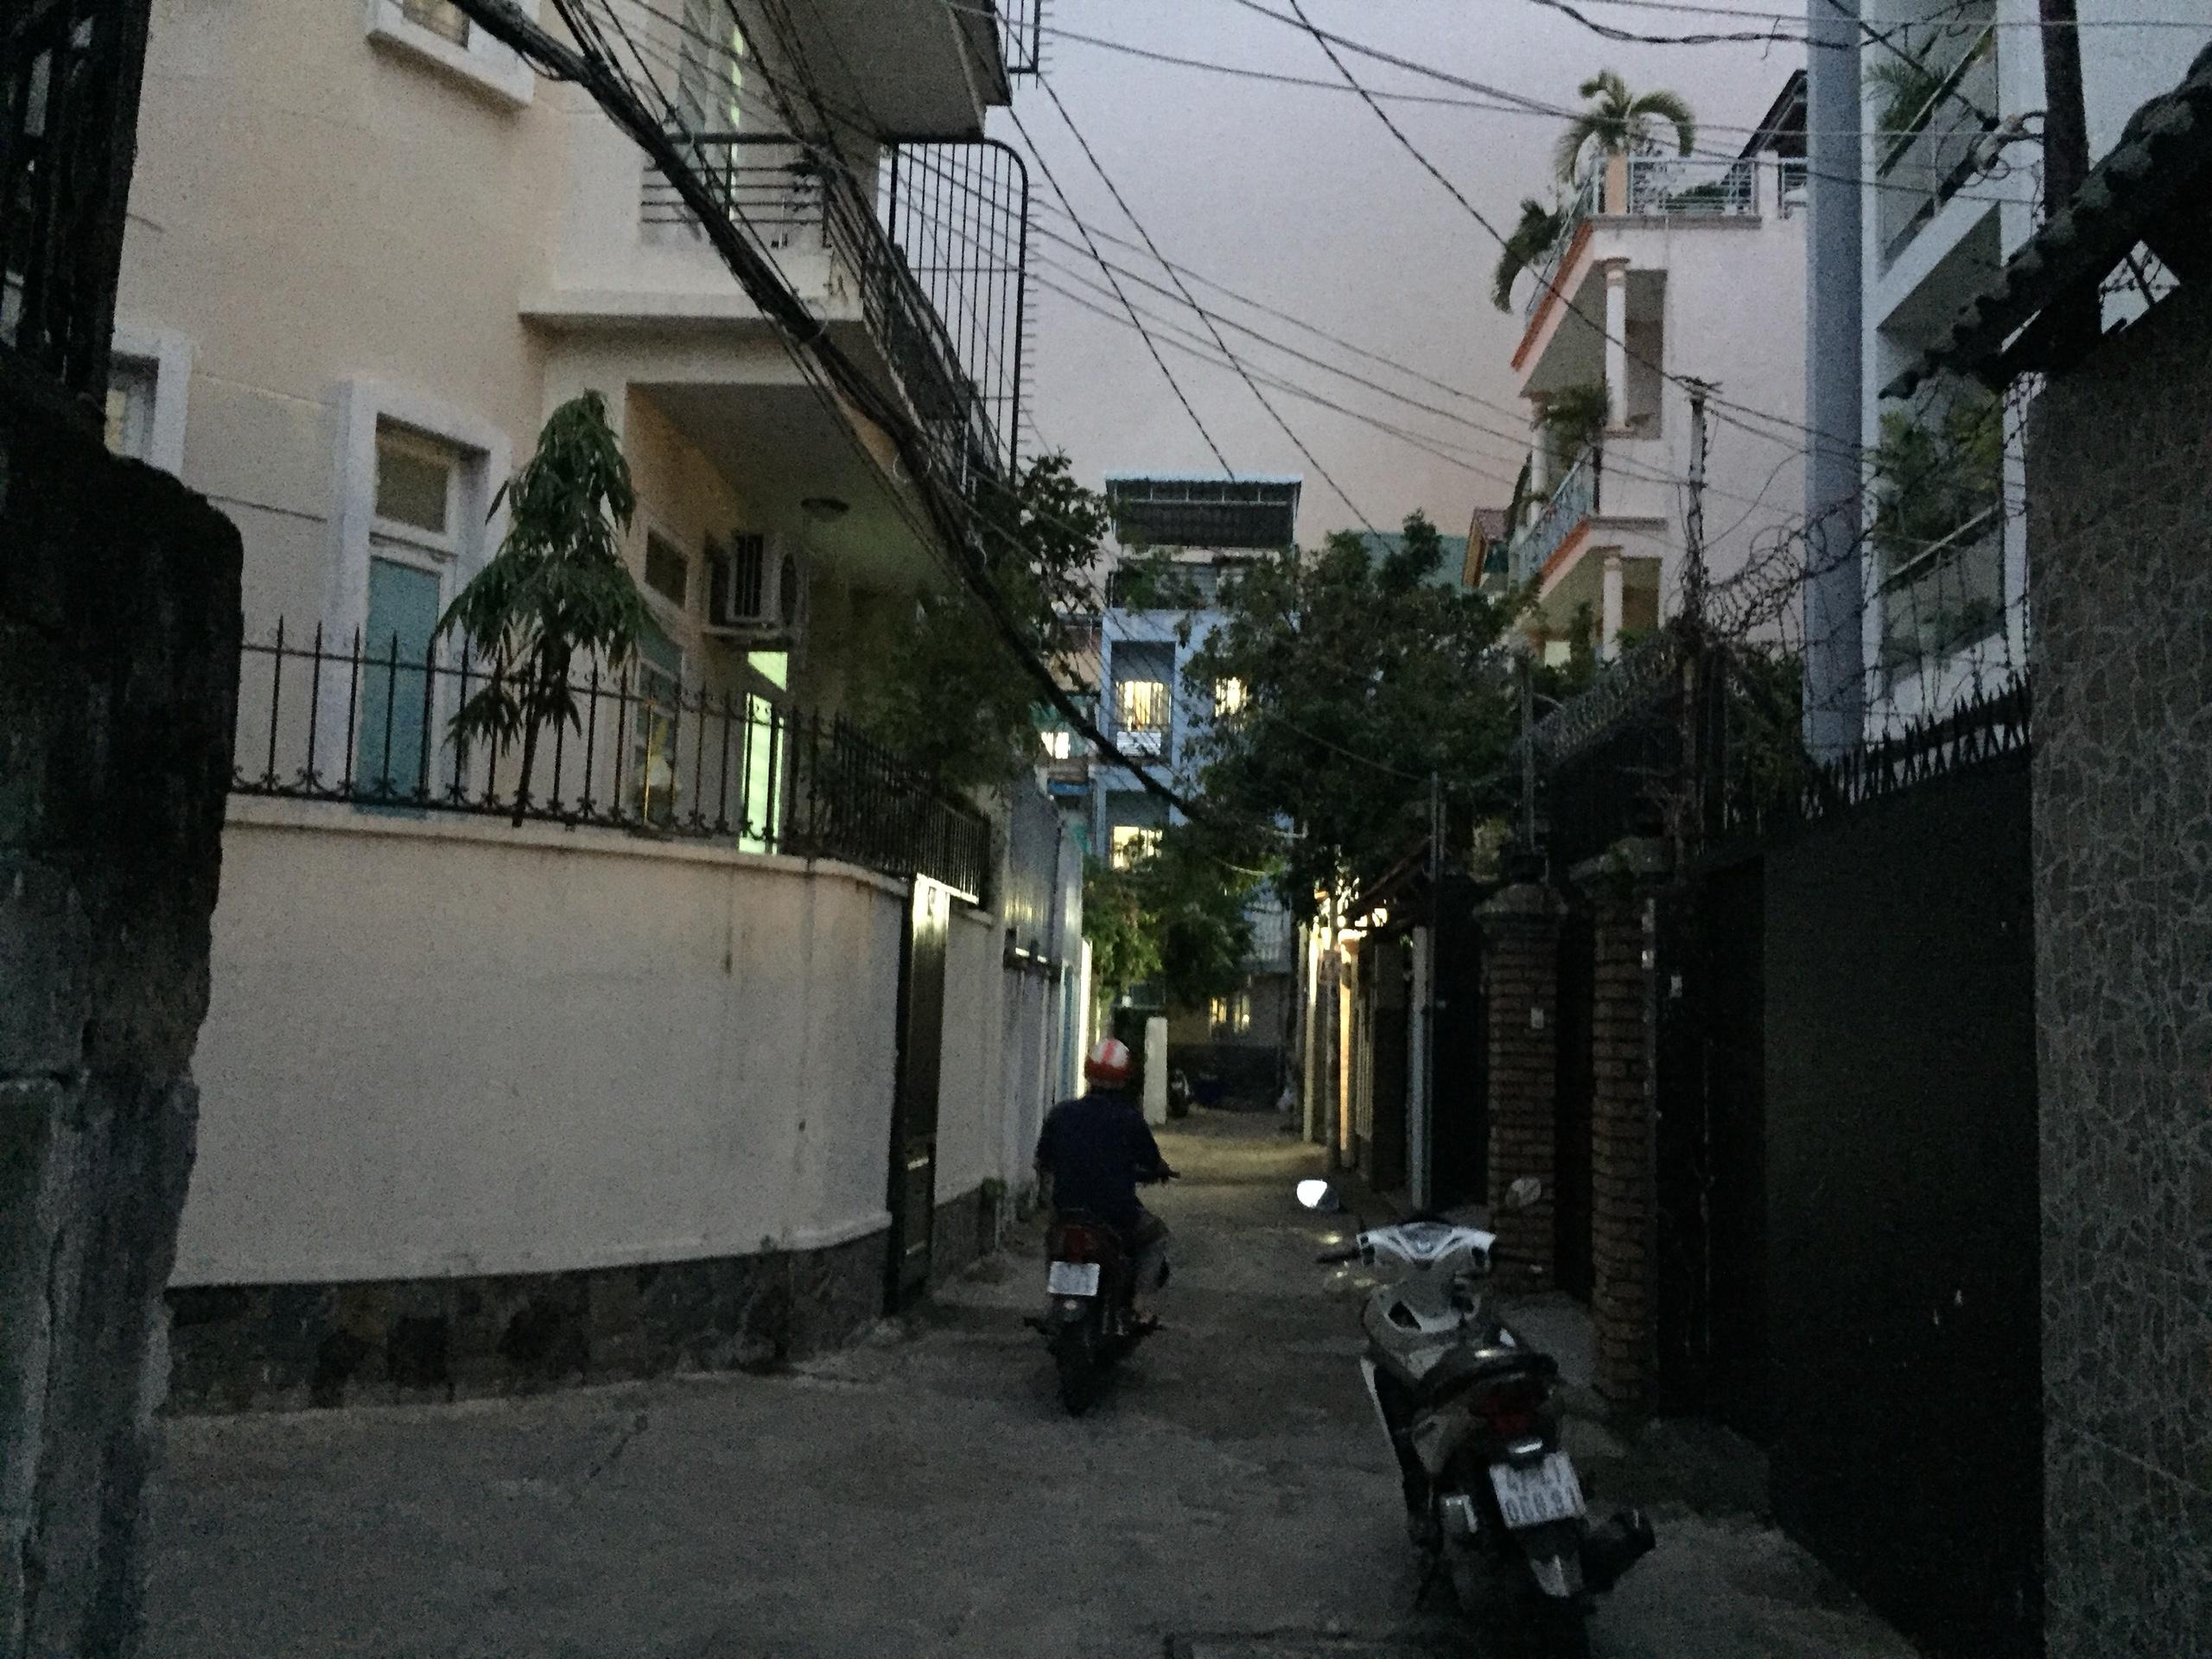 Bán nhà Phan Văn Trị p11 Bình Thạnh 4x11.5m 1 lầu 5.1 tỷ hướng TN